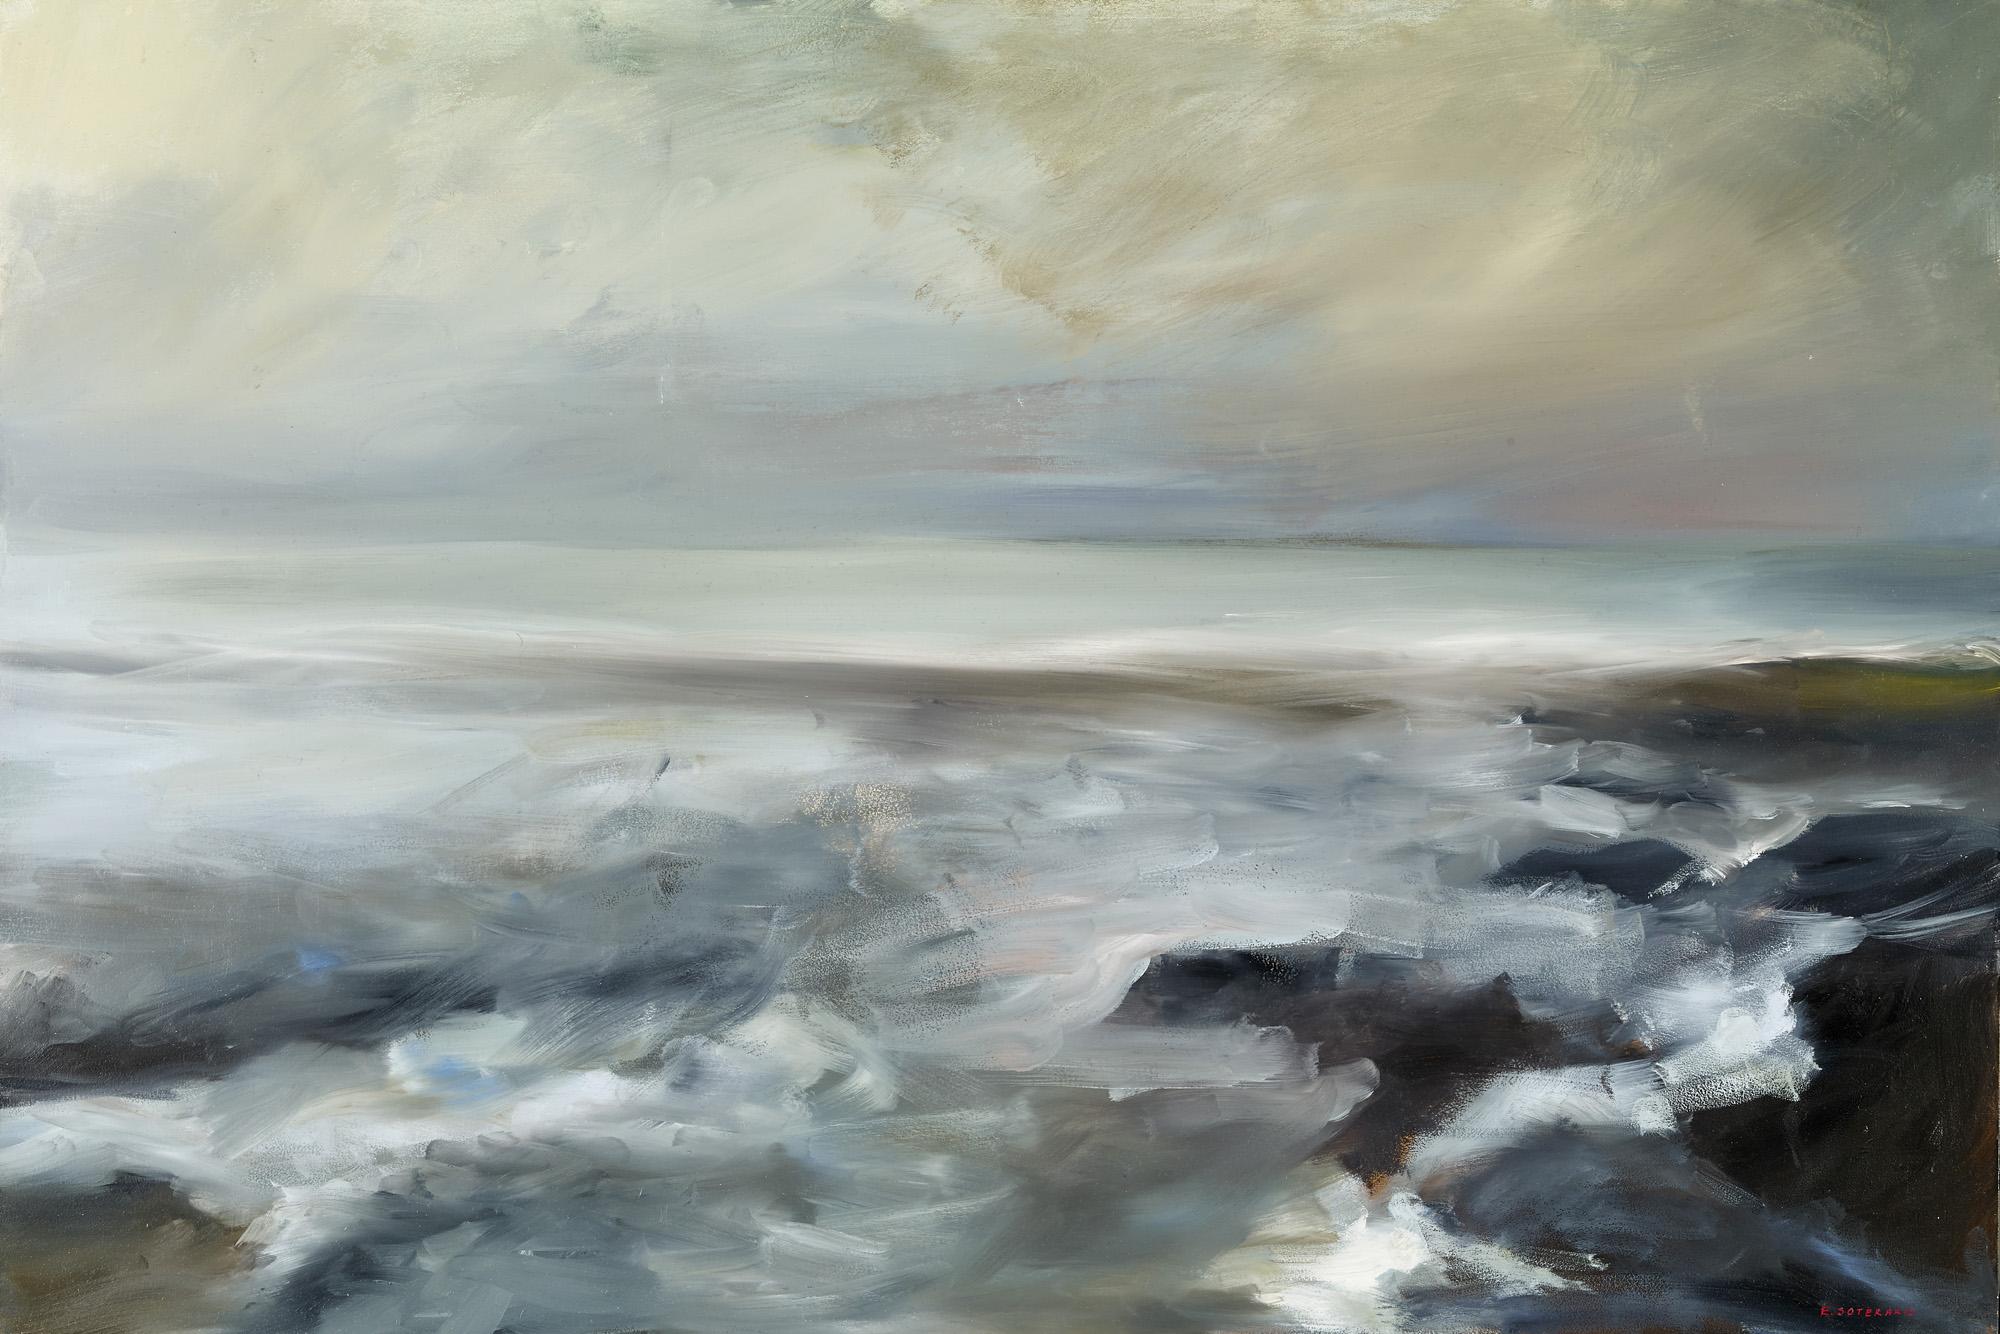 Tumultous Seas, #7, 2013 oil on panel 24 x 36 in.